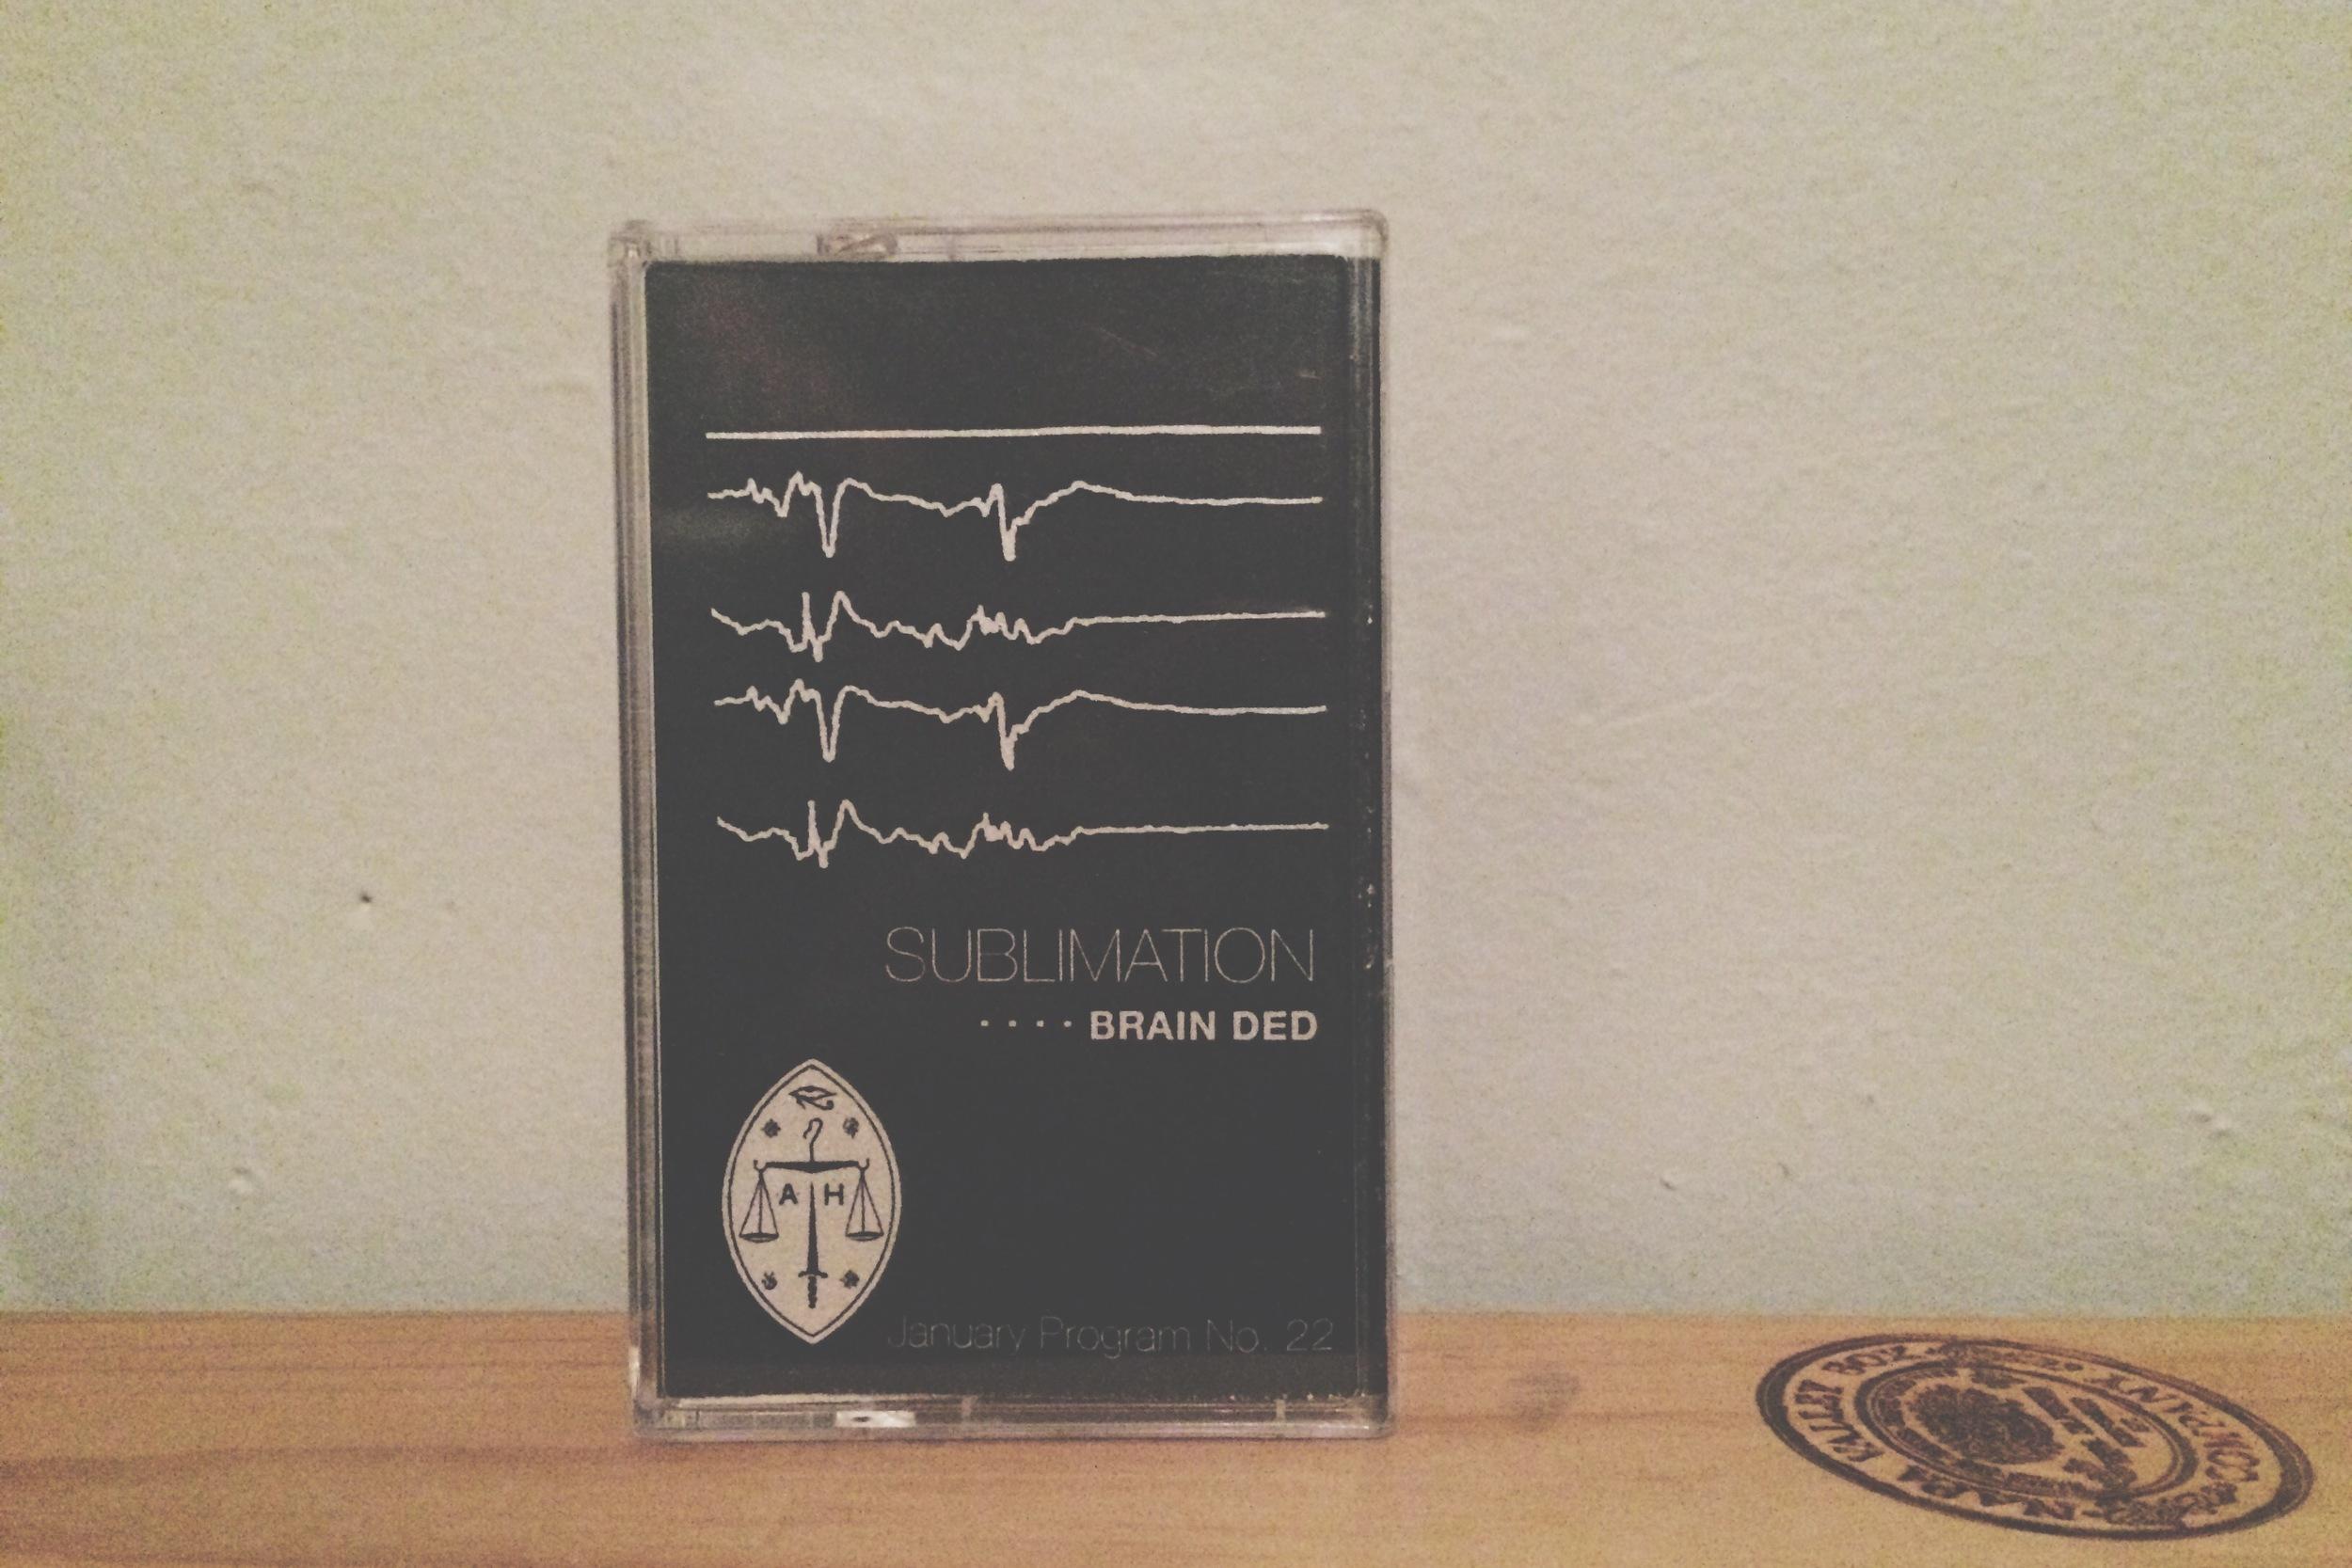 3 06. Sublimation - Brain Ded.jpg